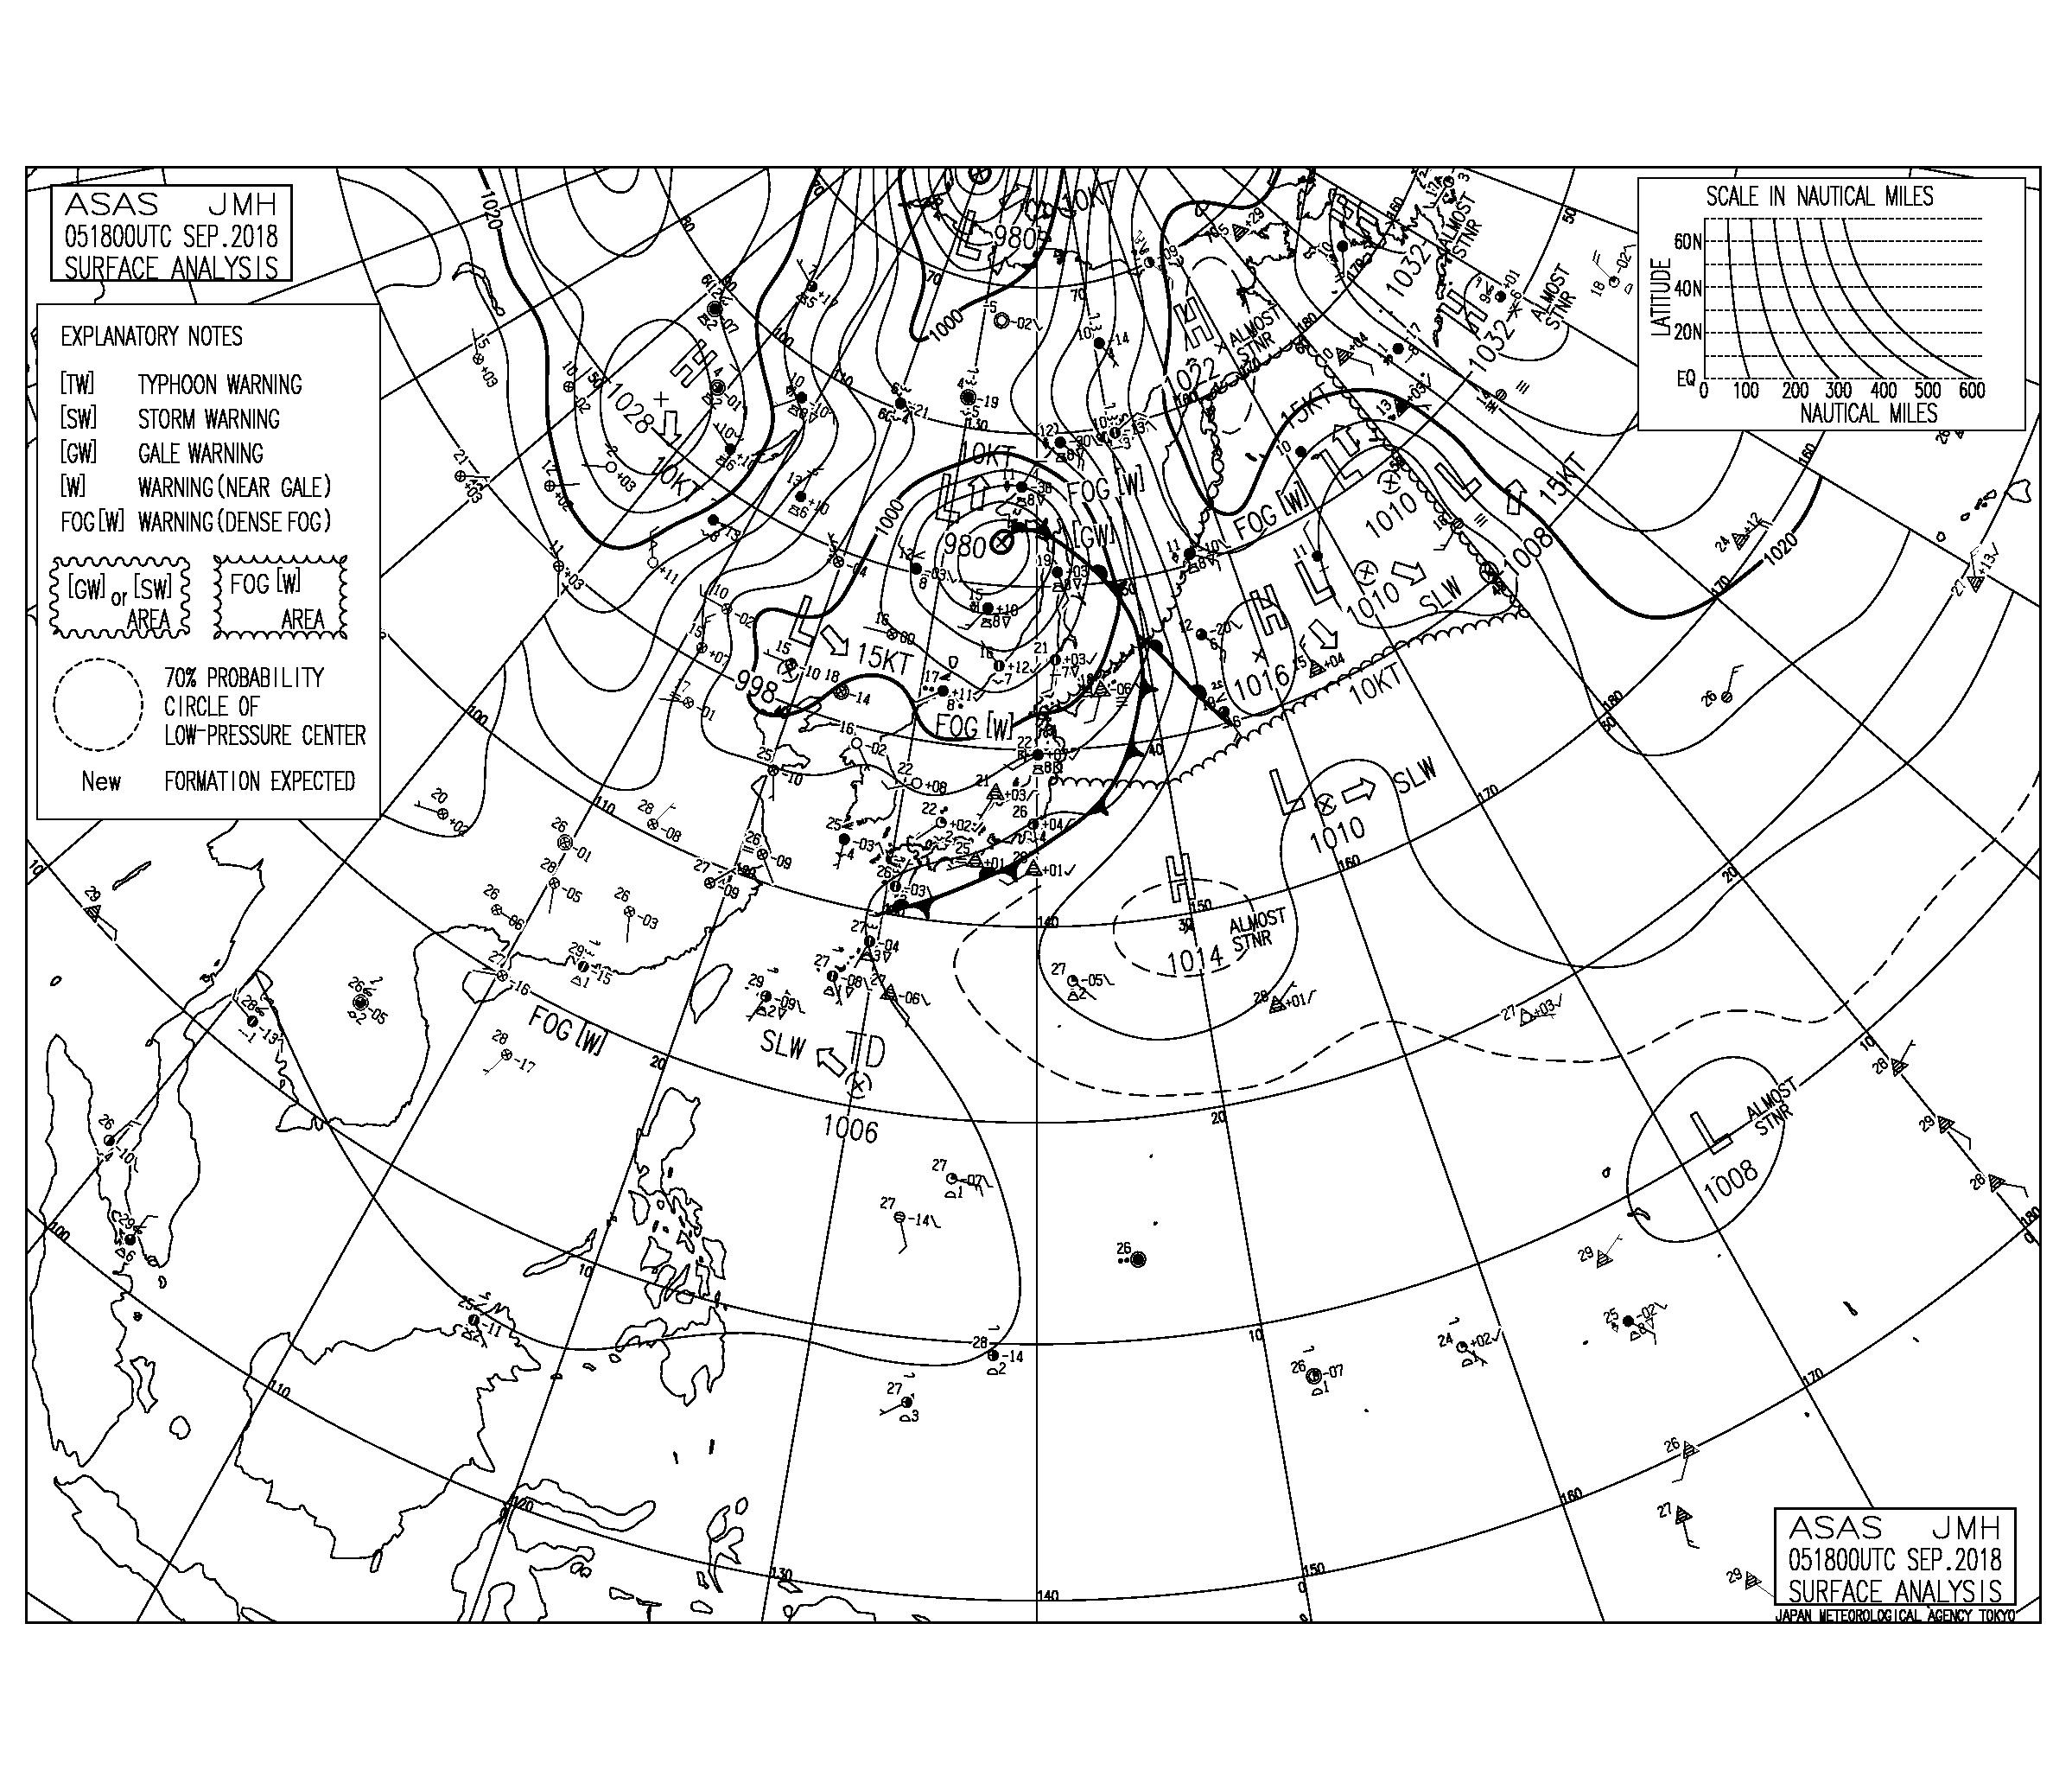 9/6 気圧配置と波情報~マーシャル諸島に新たな低圧部、午前3時に北海道で震度6強が発生